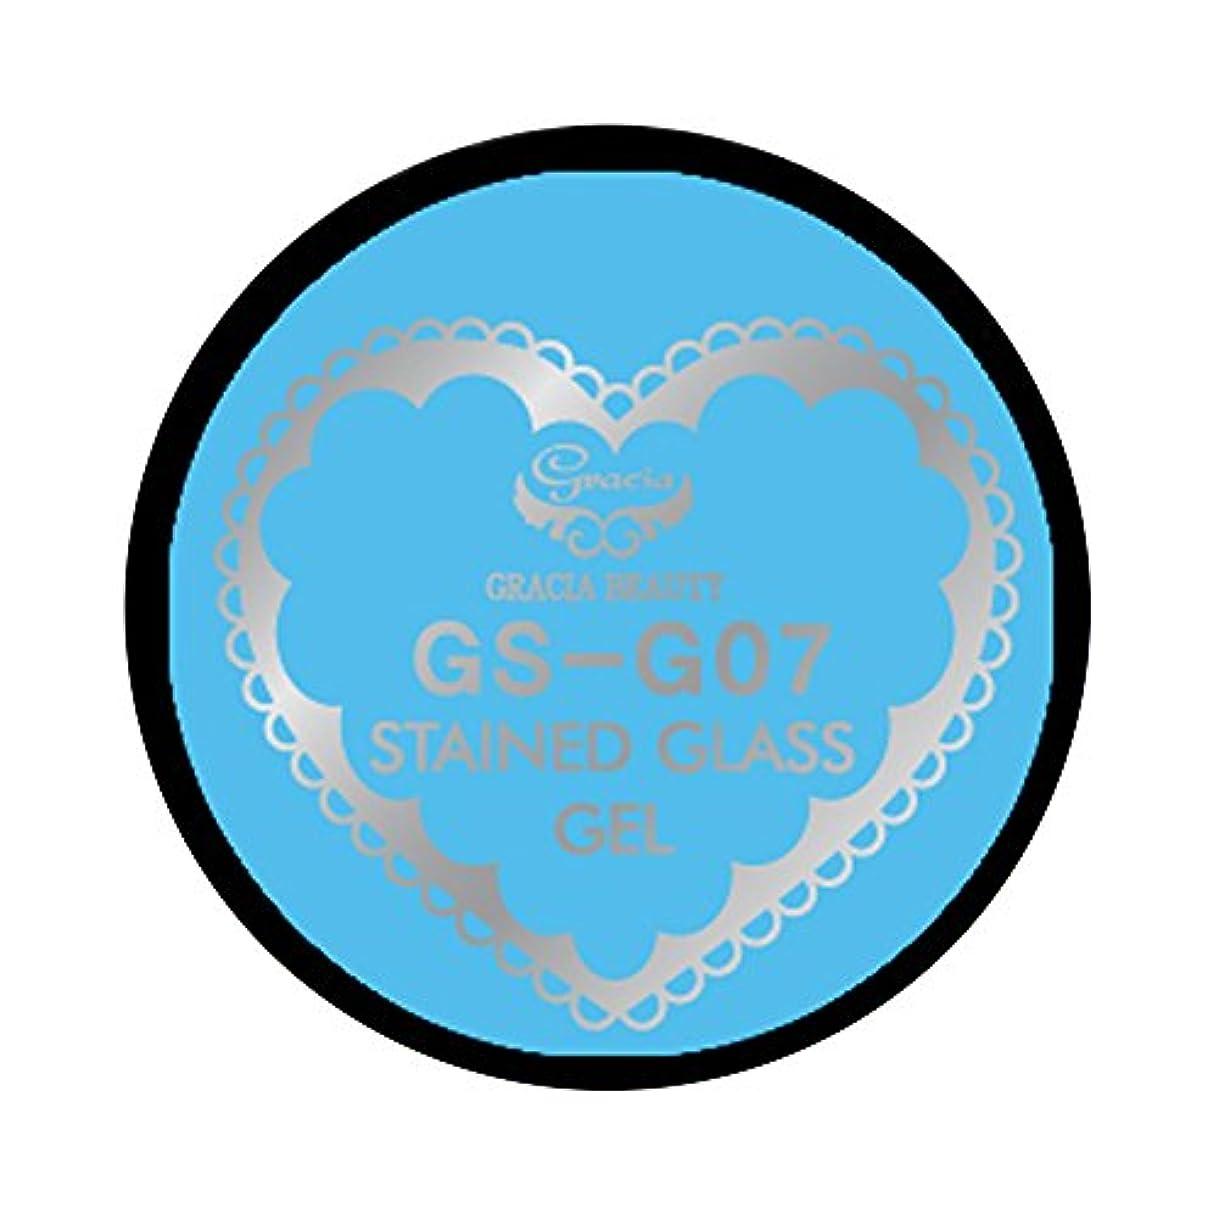 出血プロットうぬぼれグラシア ジェルネイル ステンドグラスジェル GSM-G07 3g  グリッター UV/LED対応 カラージェル ソークオフジェル ガラスのような透明感